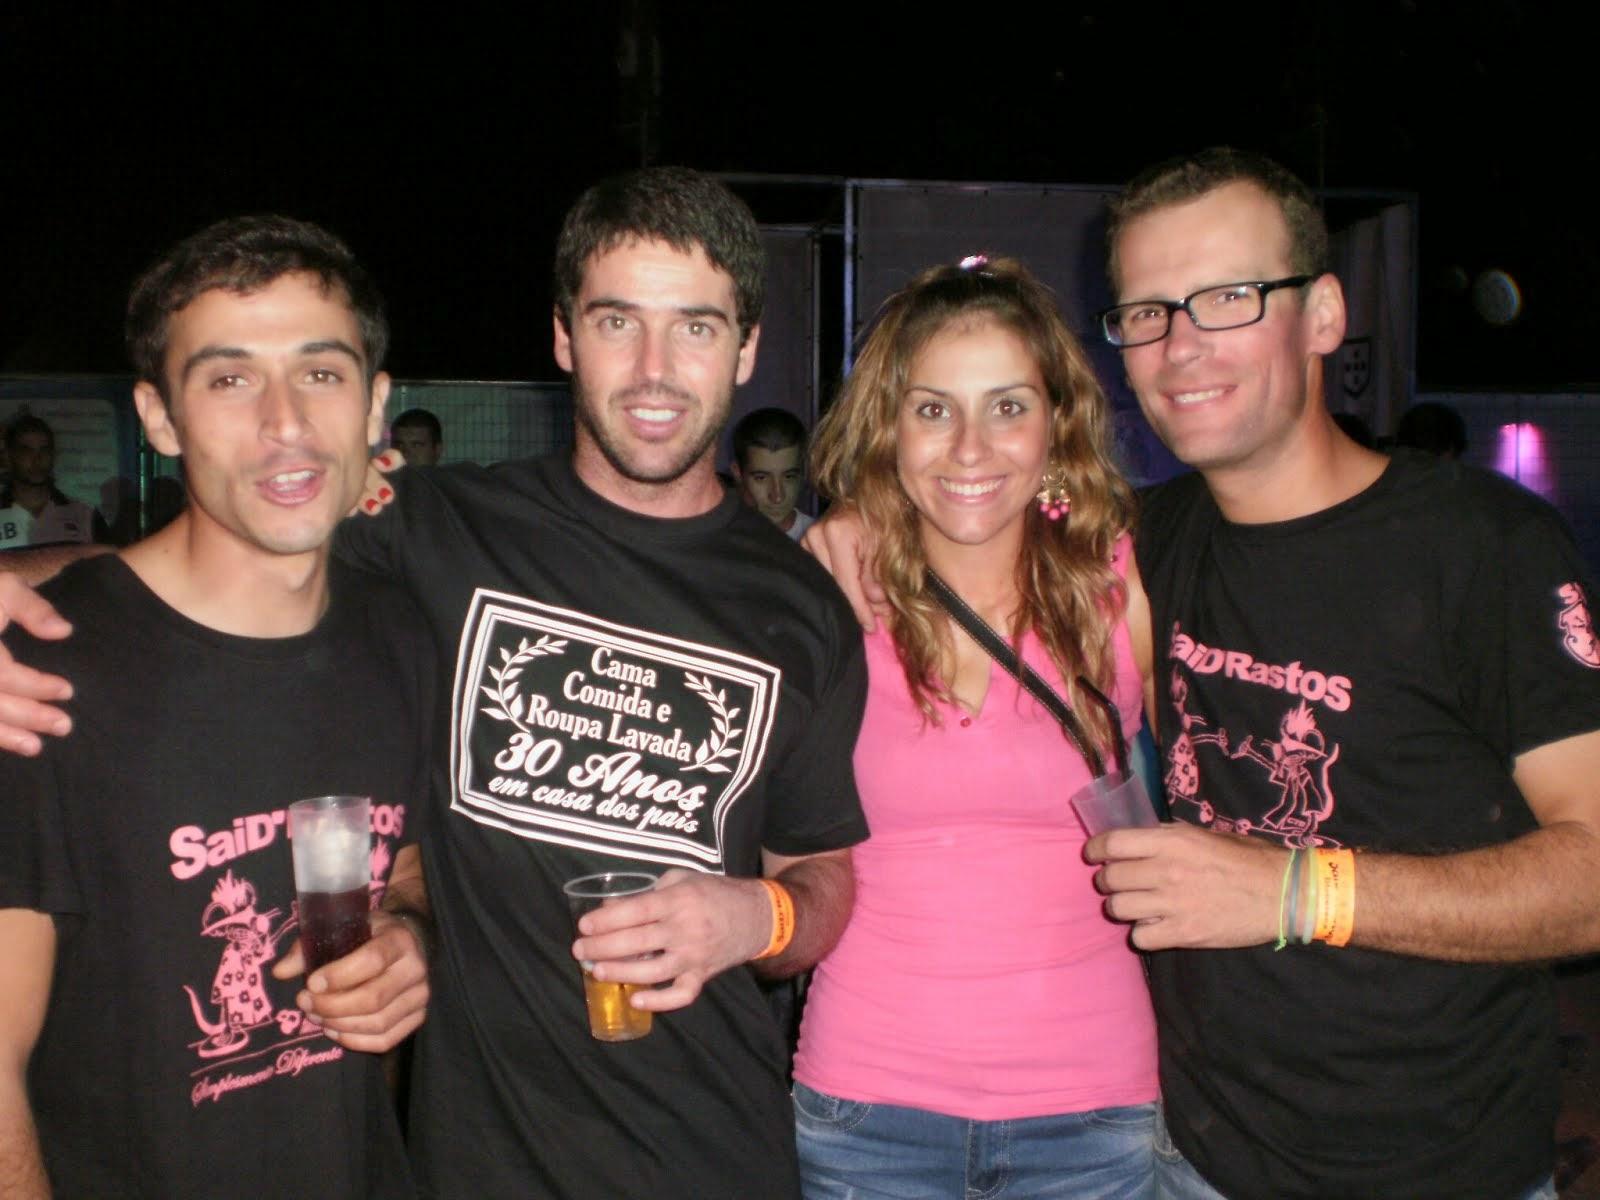 Mauro, Óscar, Sara & Dj_MC